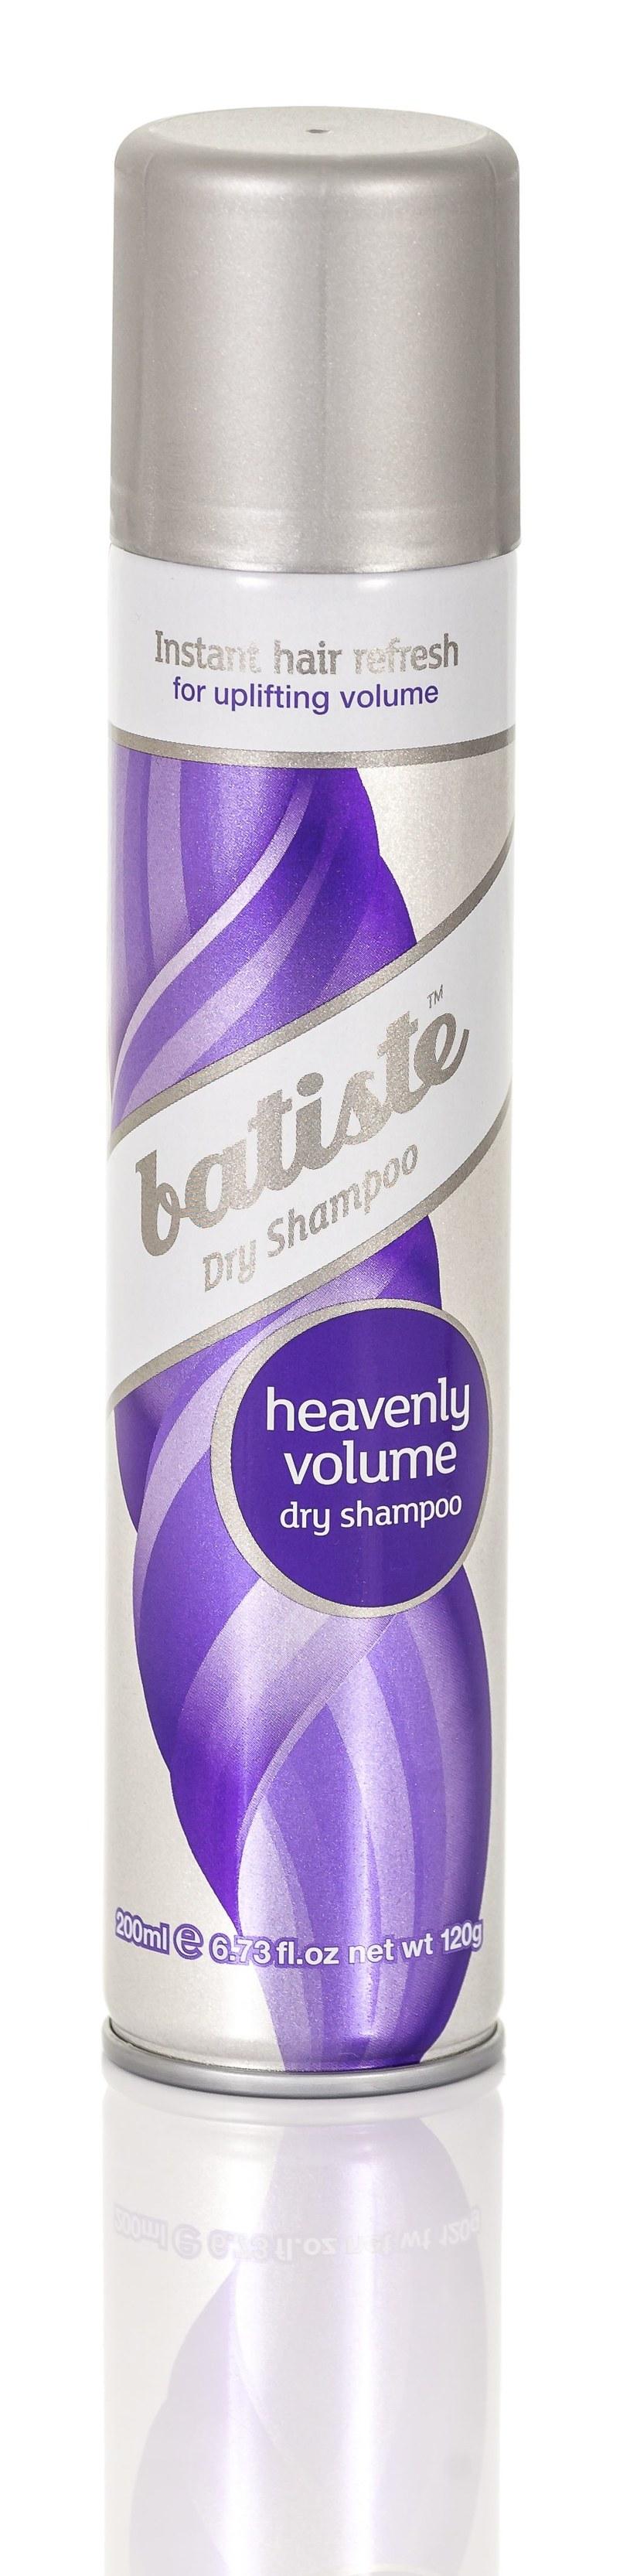 """Suchy szampon """"Heavenly Volume"""" /Styl.pl/materiały prasowe"""